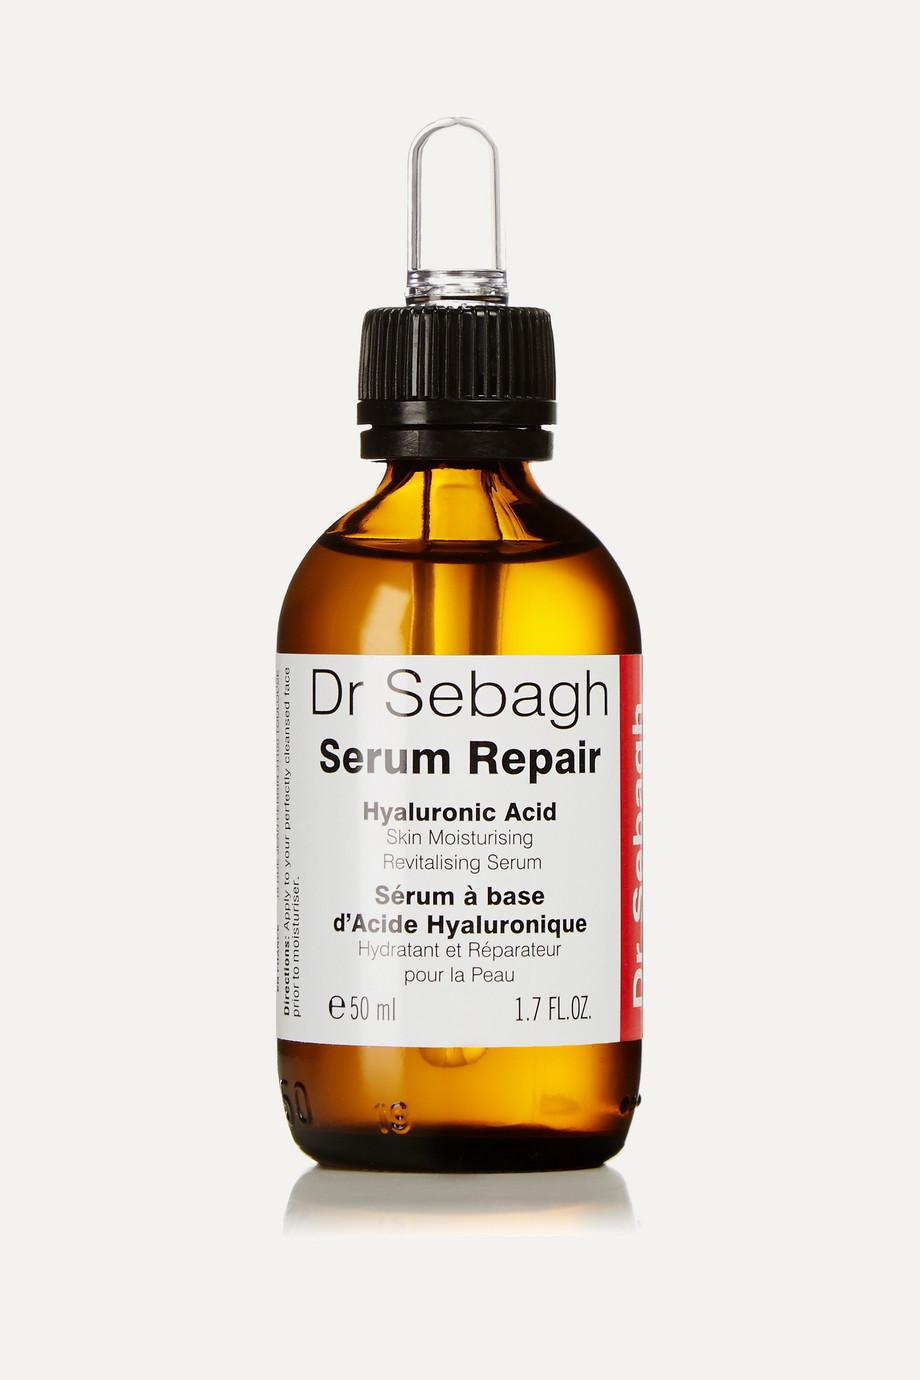 Dr Sebagh Serum Repair, 50 ml – Serum